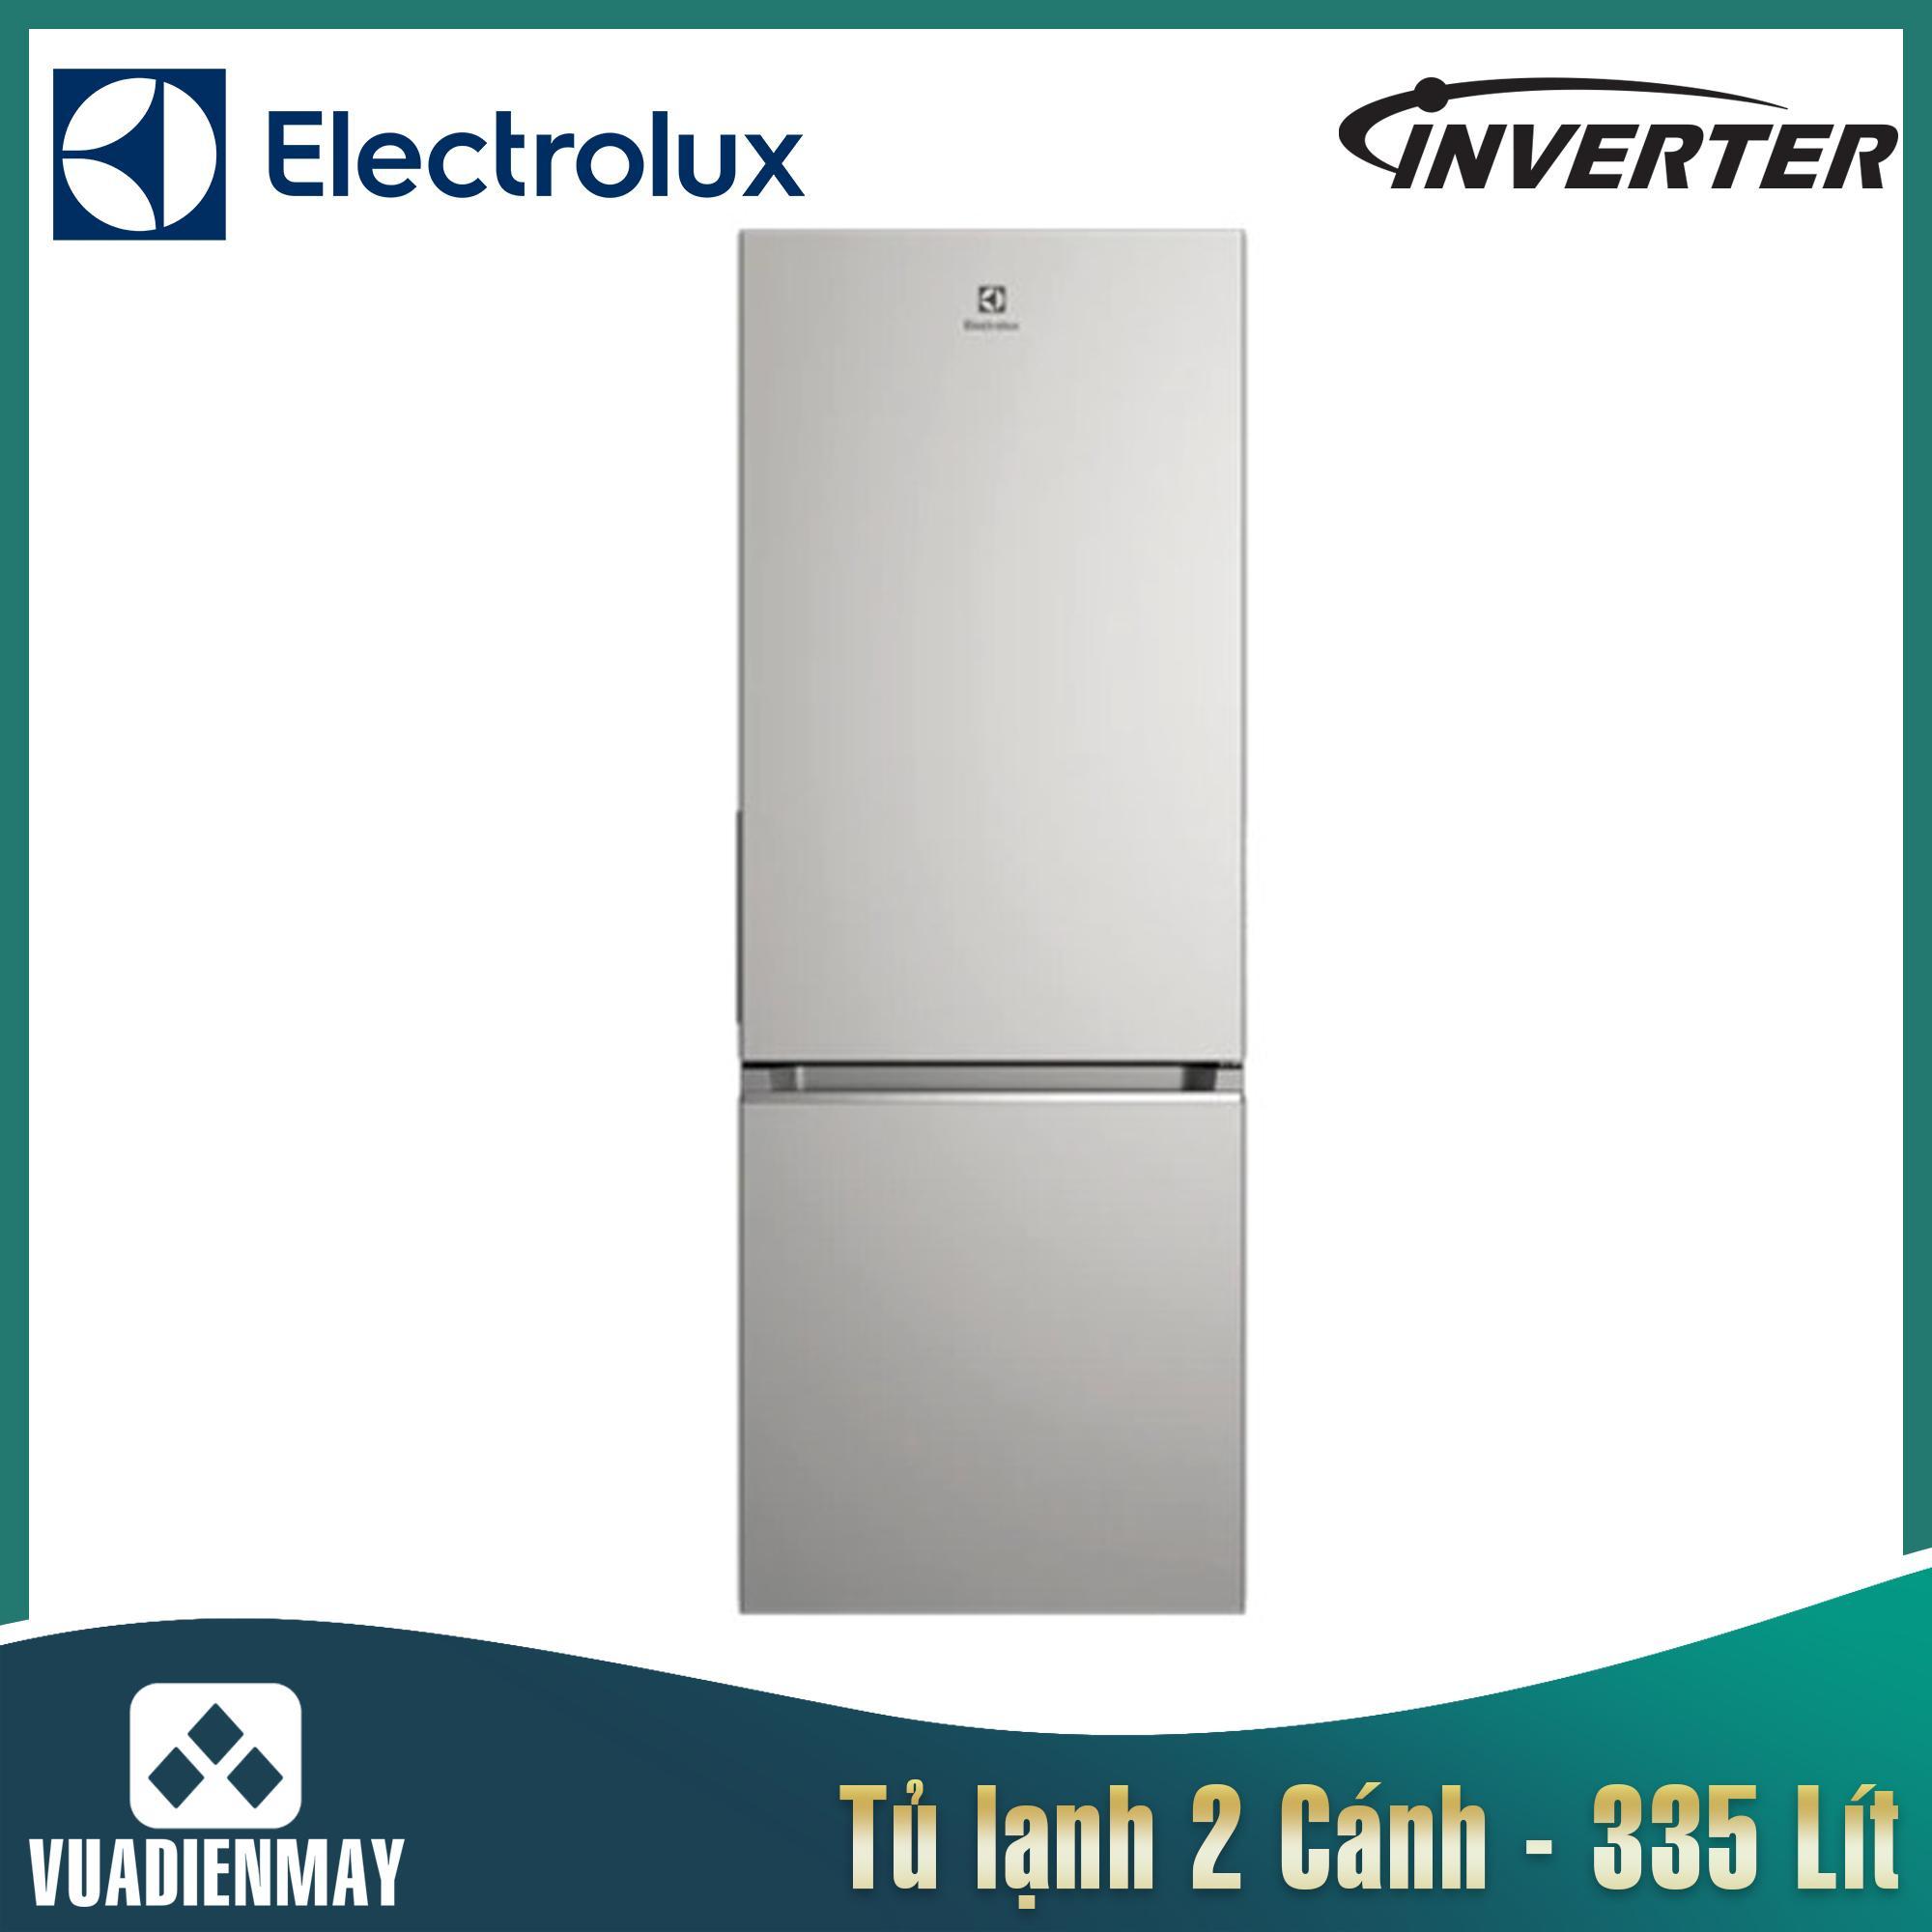 Tủ lạnh Electrolux Inverter 335L bạc